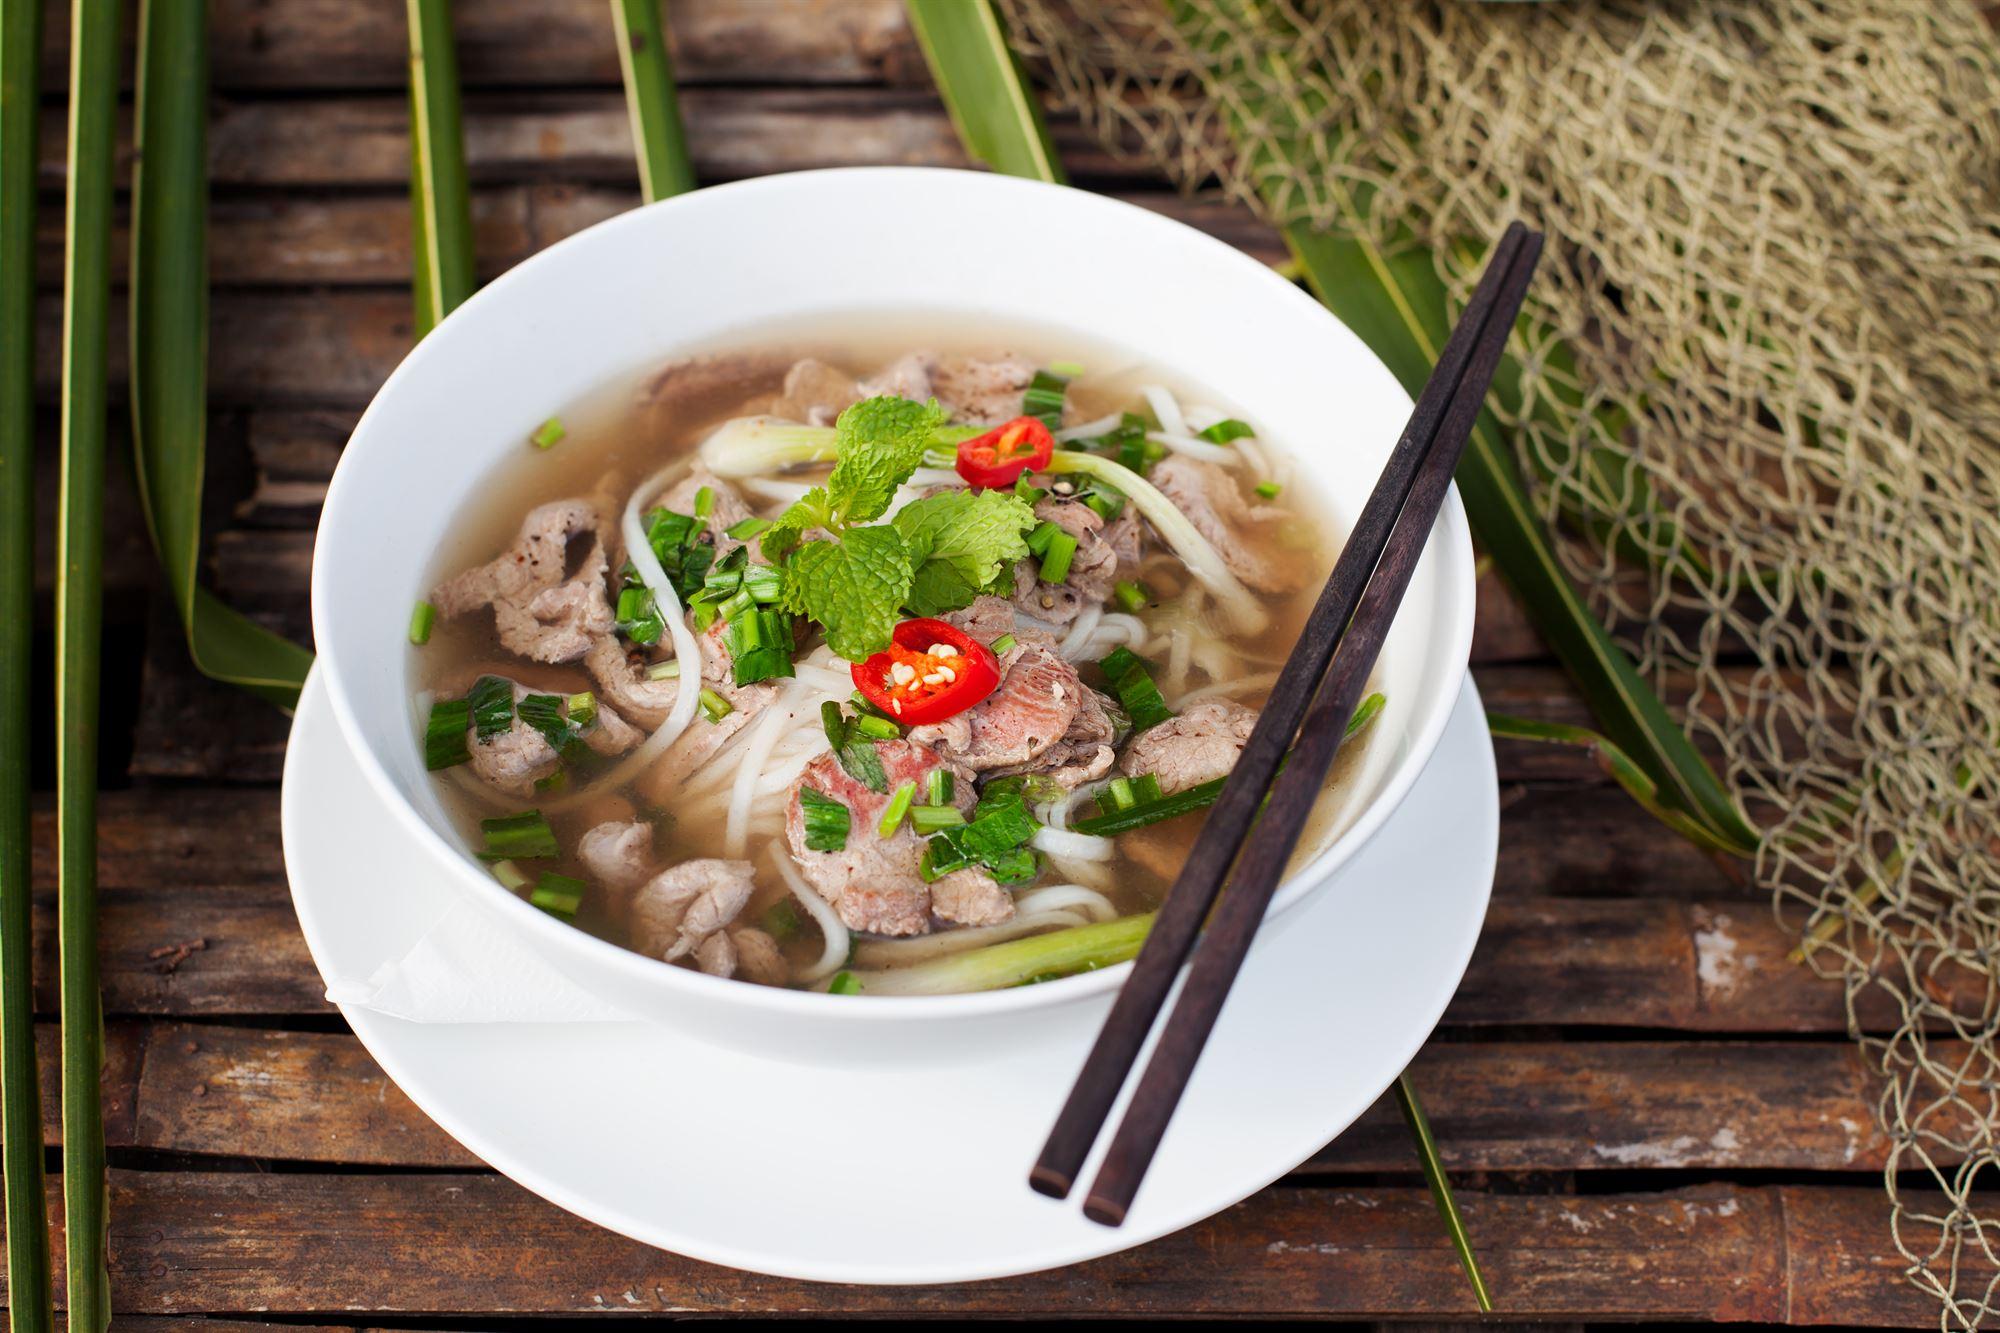 Vietnamesisk flanksteak med nudelsalat